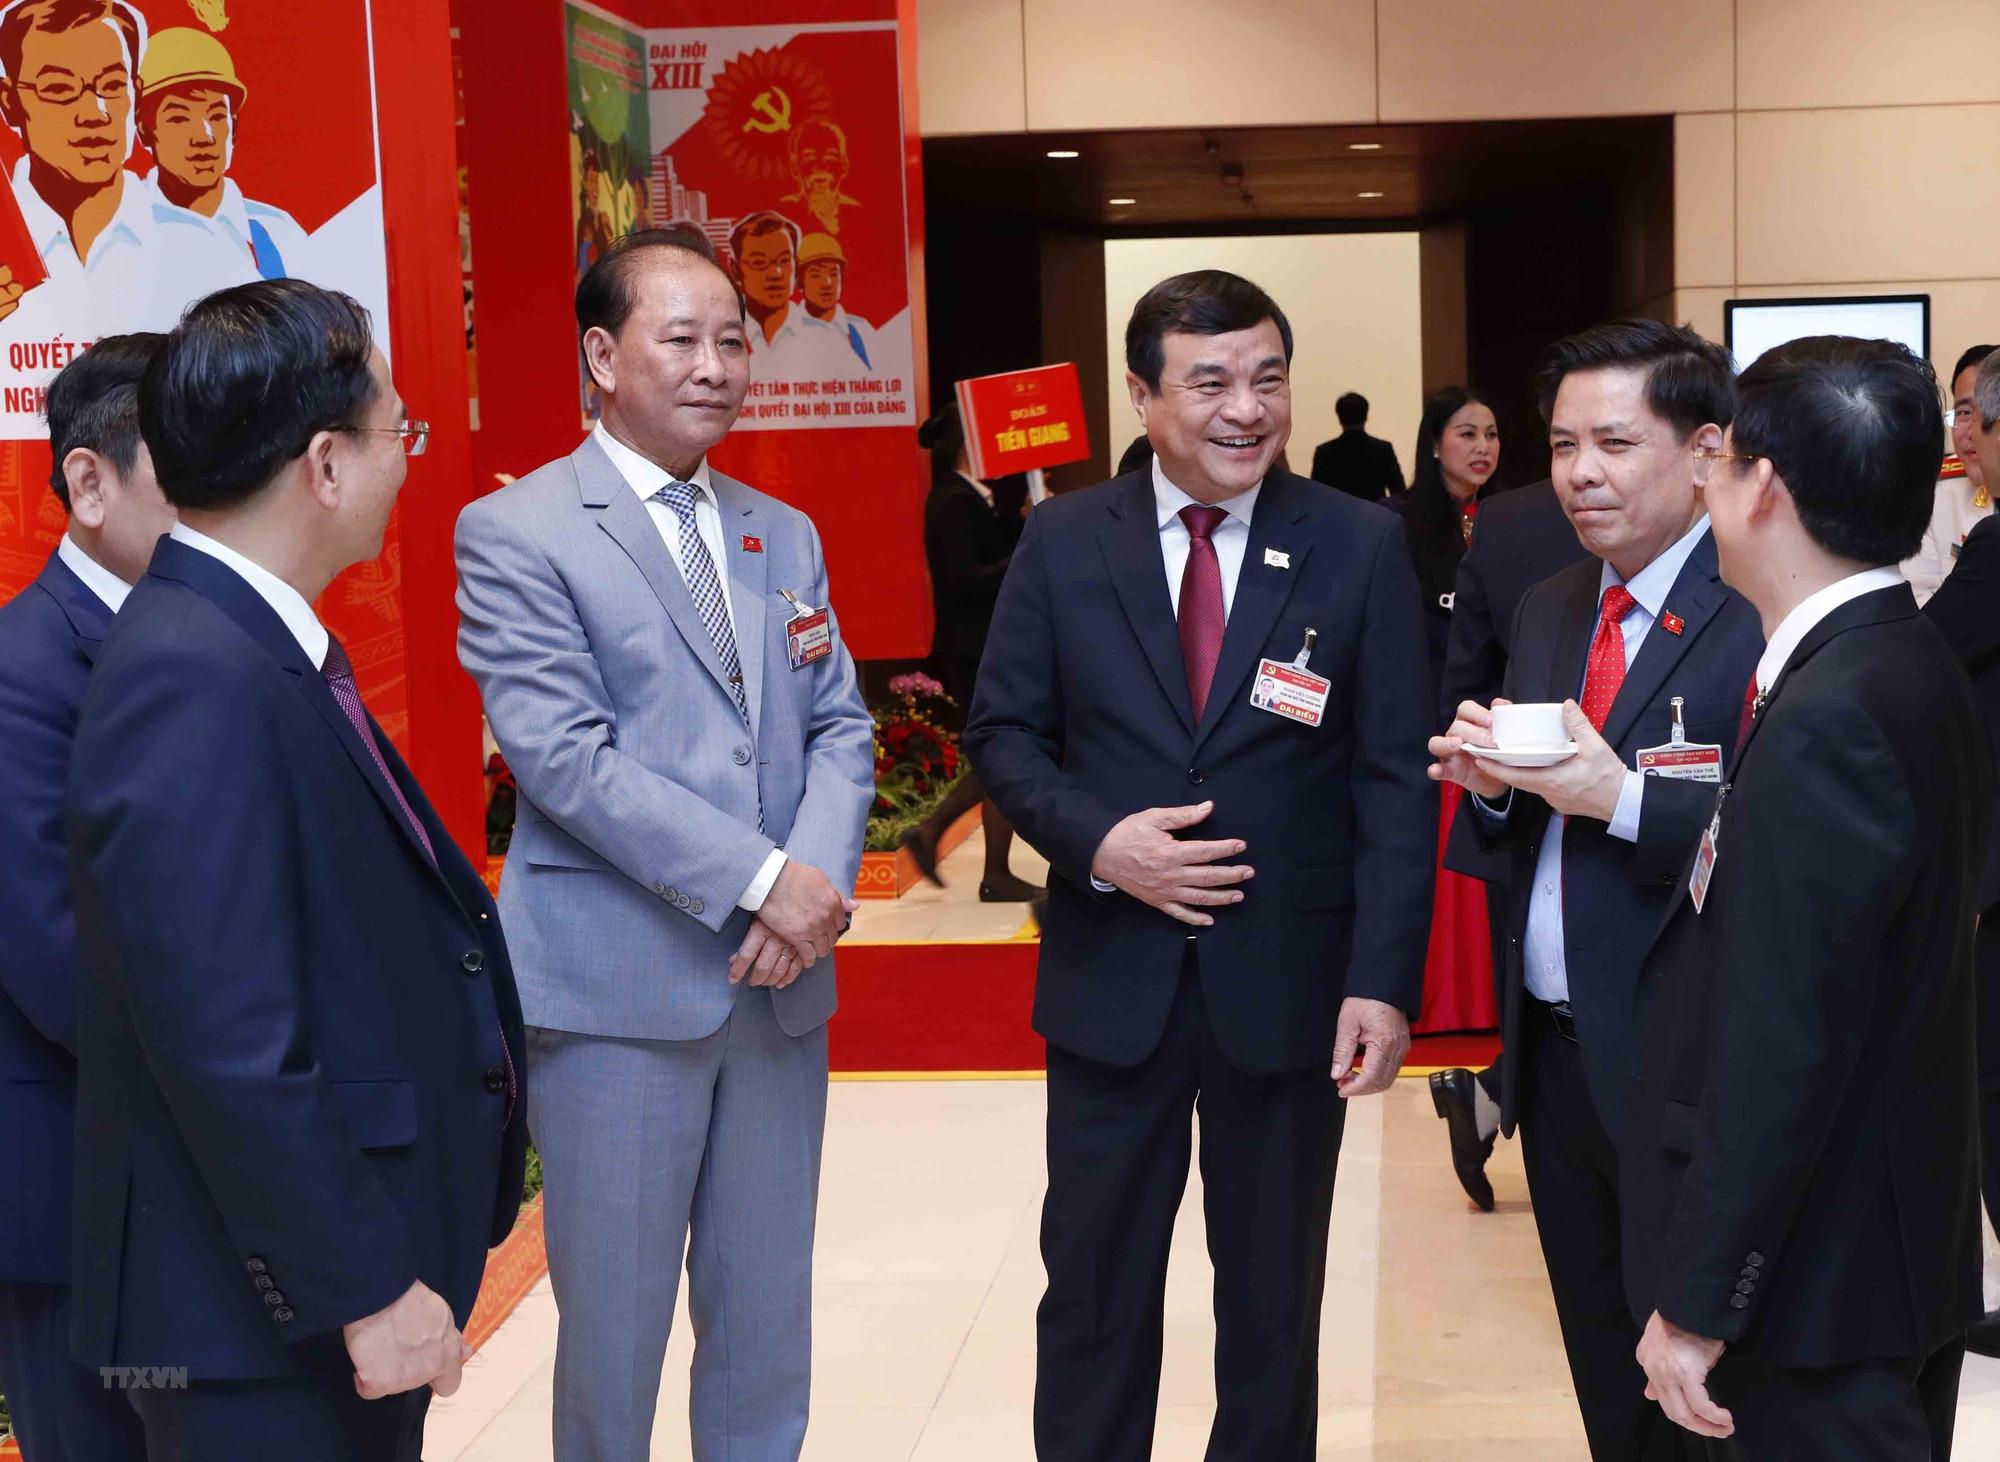 Tổng Bí thư, Chủ tịch nước dự phiên họp trù bị Đại hội Đảng XIII - Ảnh 14.